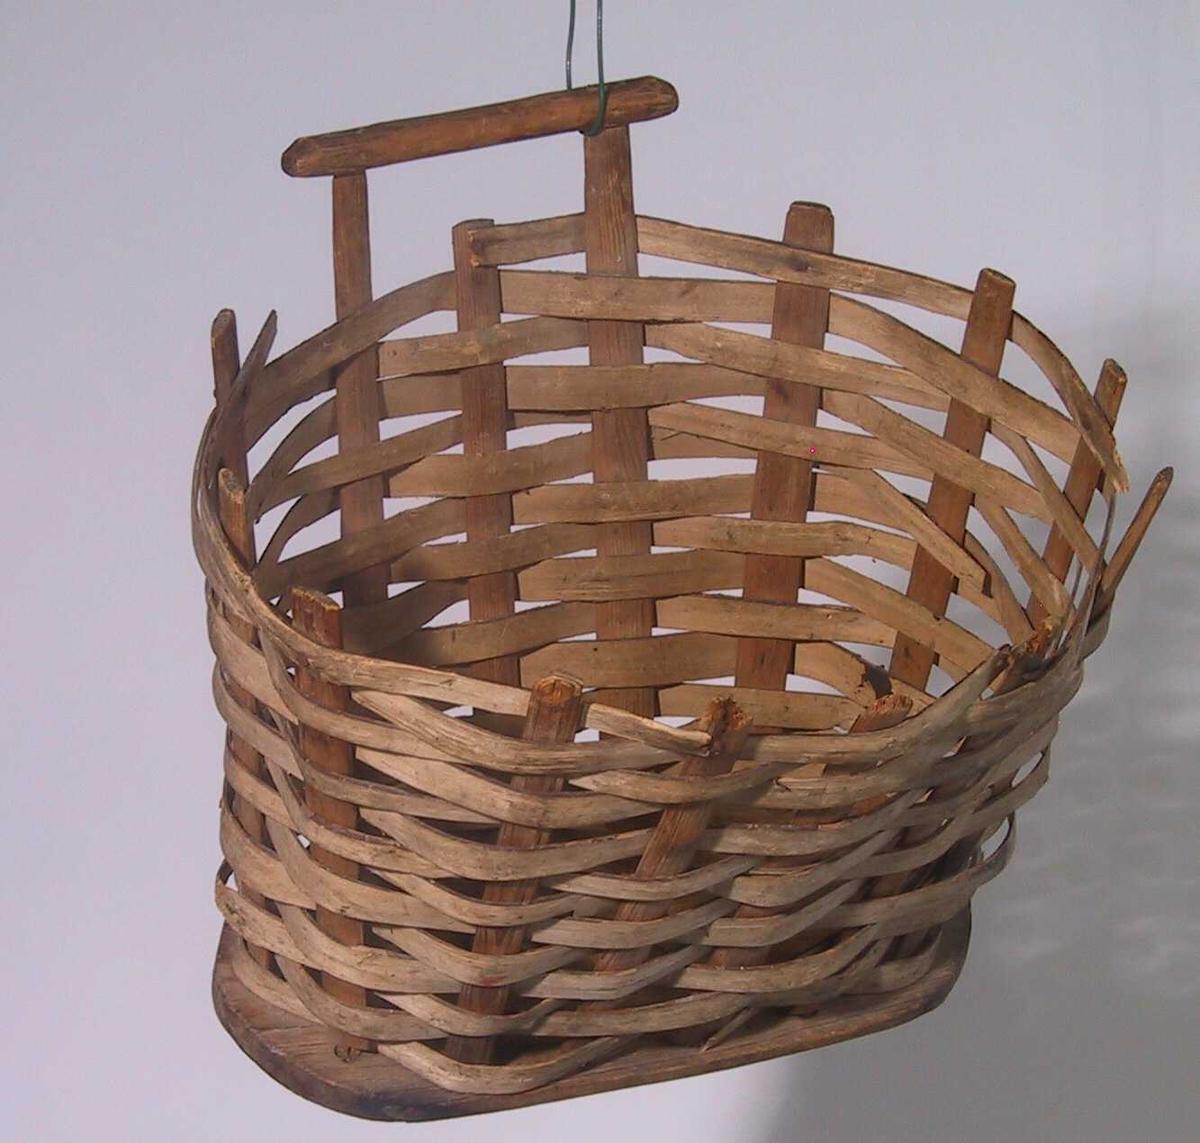 Form: Bunn av oval treplate, fletting med spon rundt flate pinner festet langs bunnens kant. Håndtak øverst på den ene langsiden.